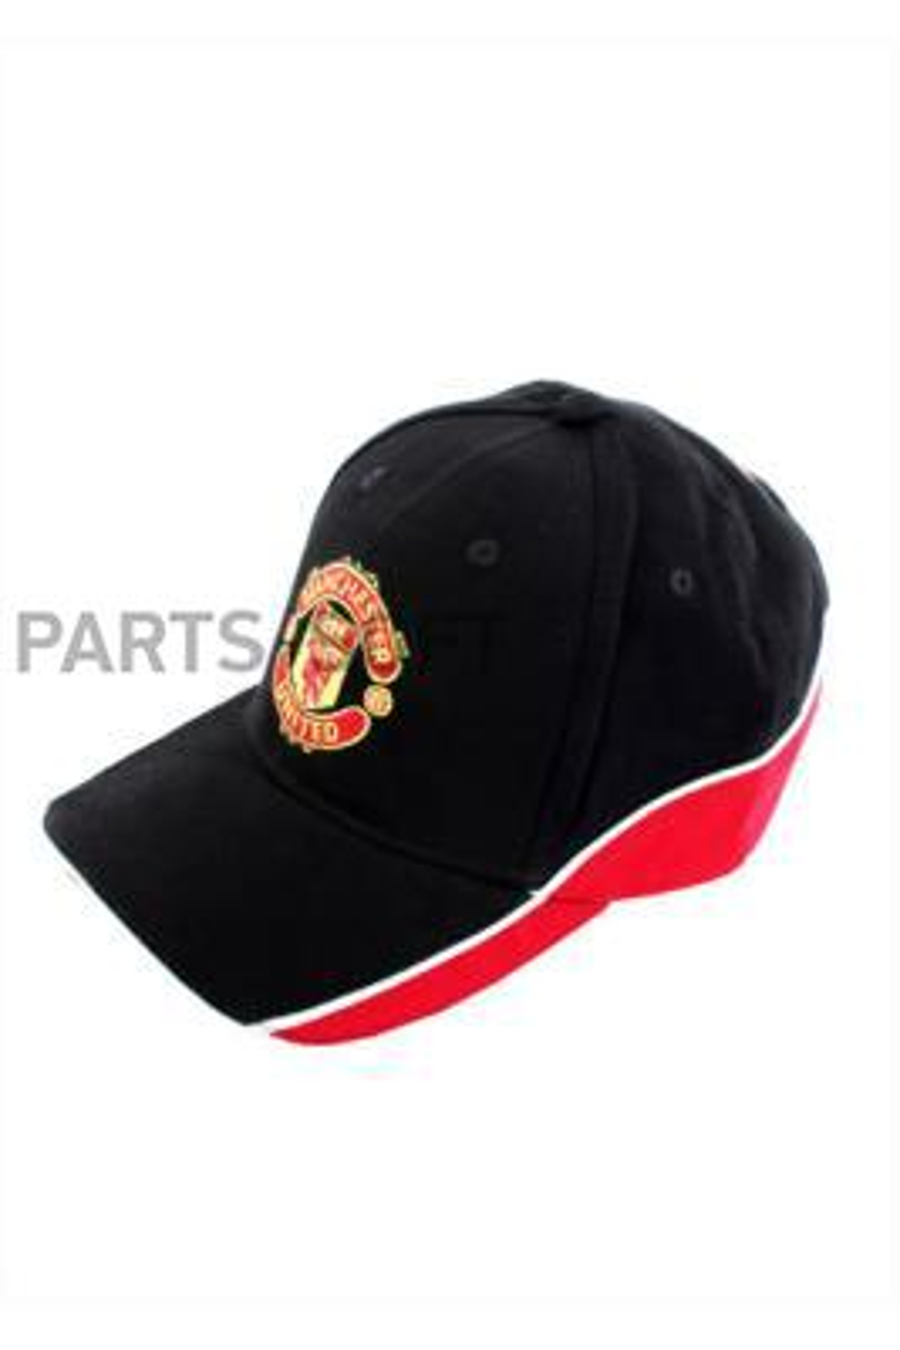 Бейсболка черная, красная GULF Manchester United